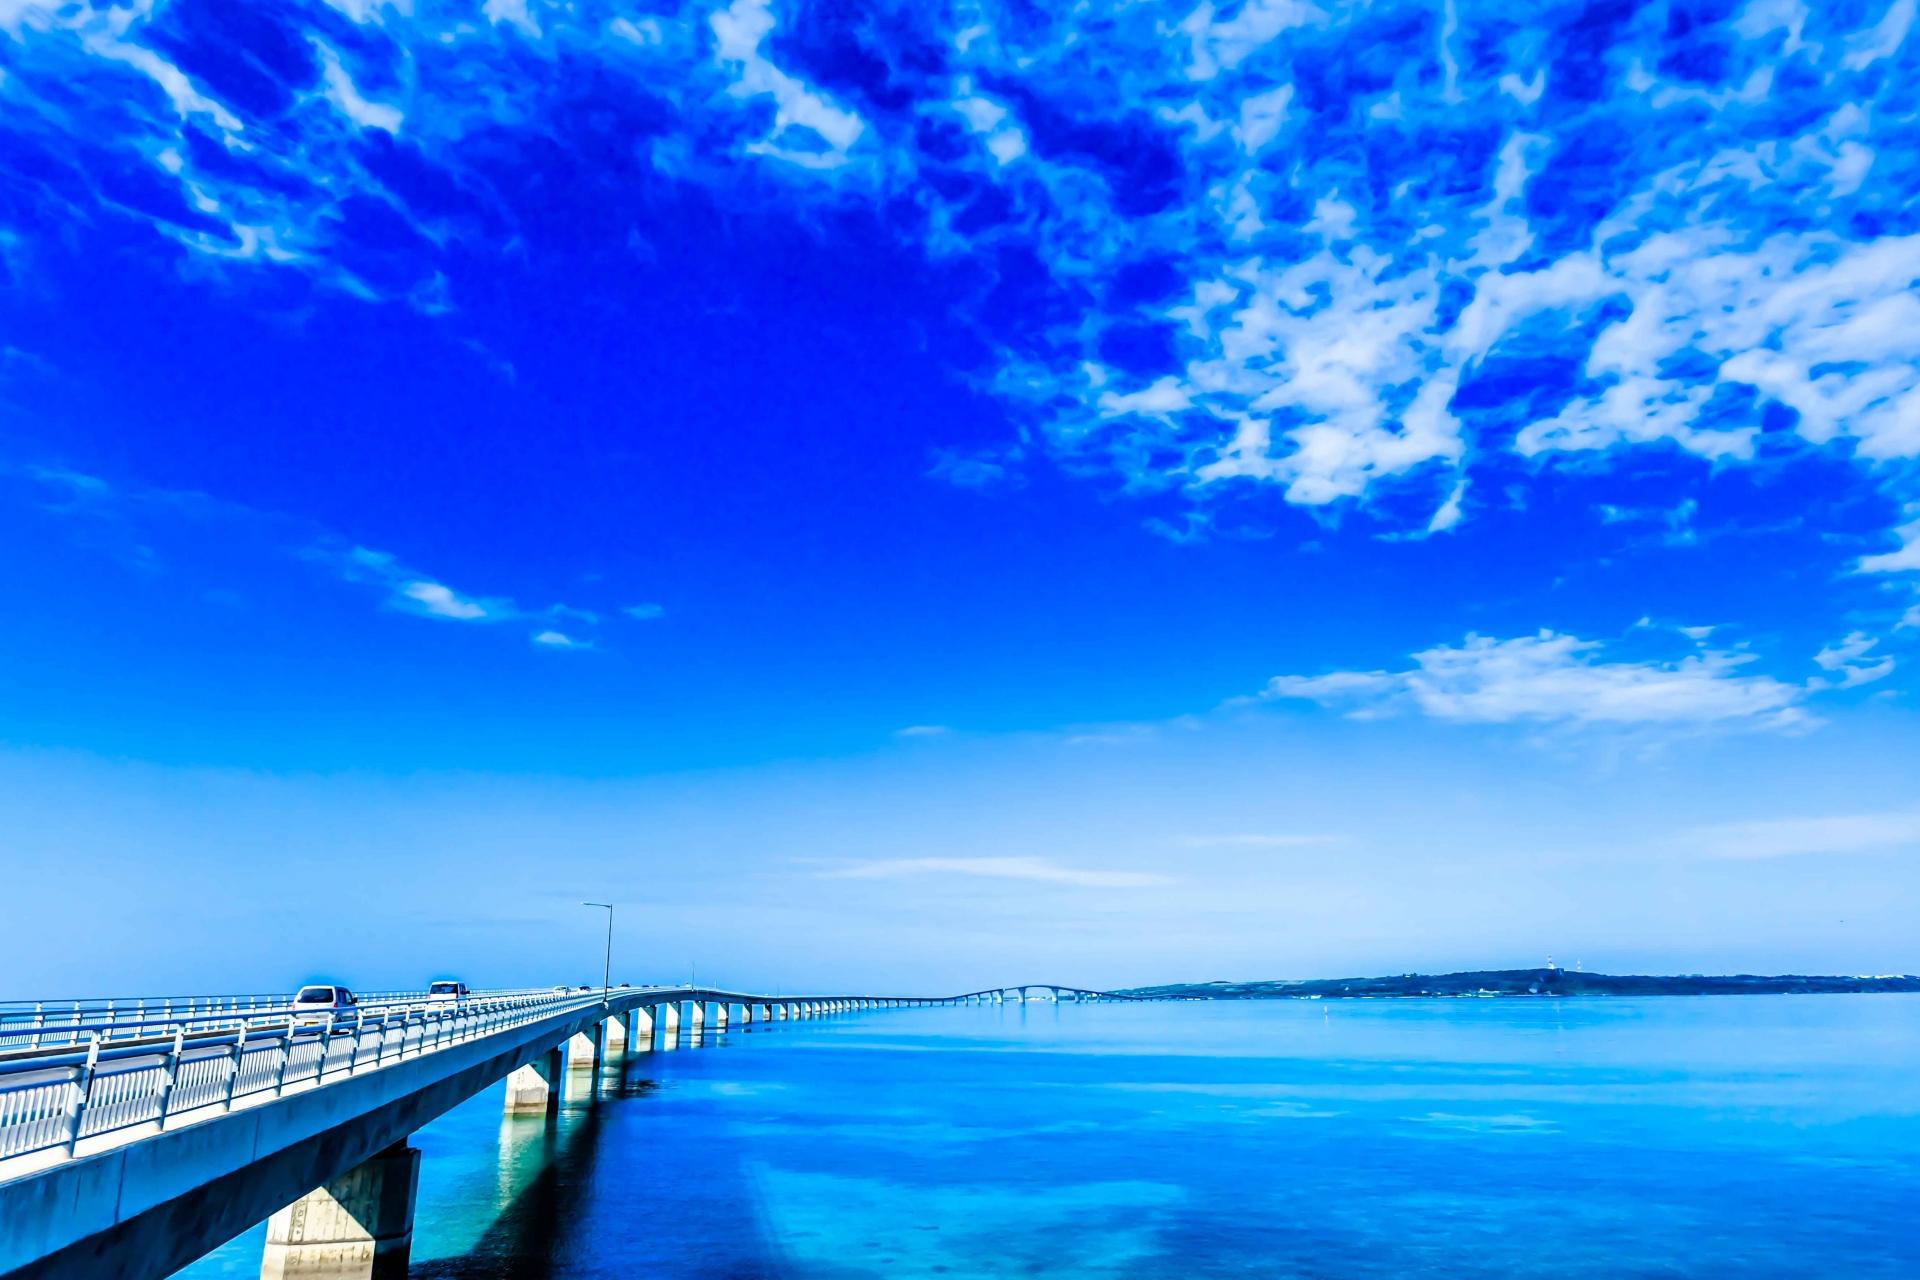 【職場・社員旅行モデルコース】夢のような絶景を堪能する宮古島2日間